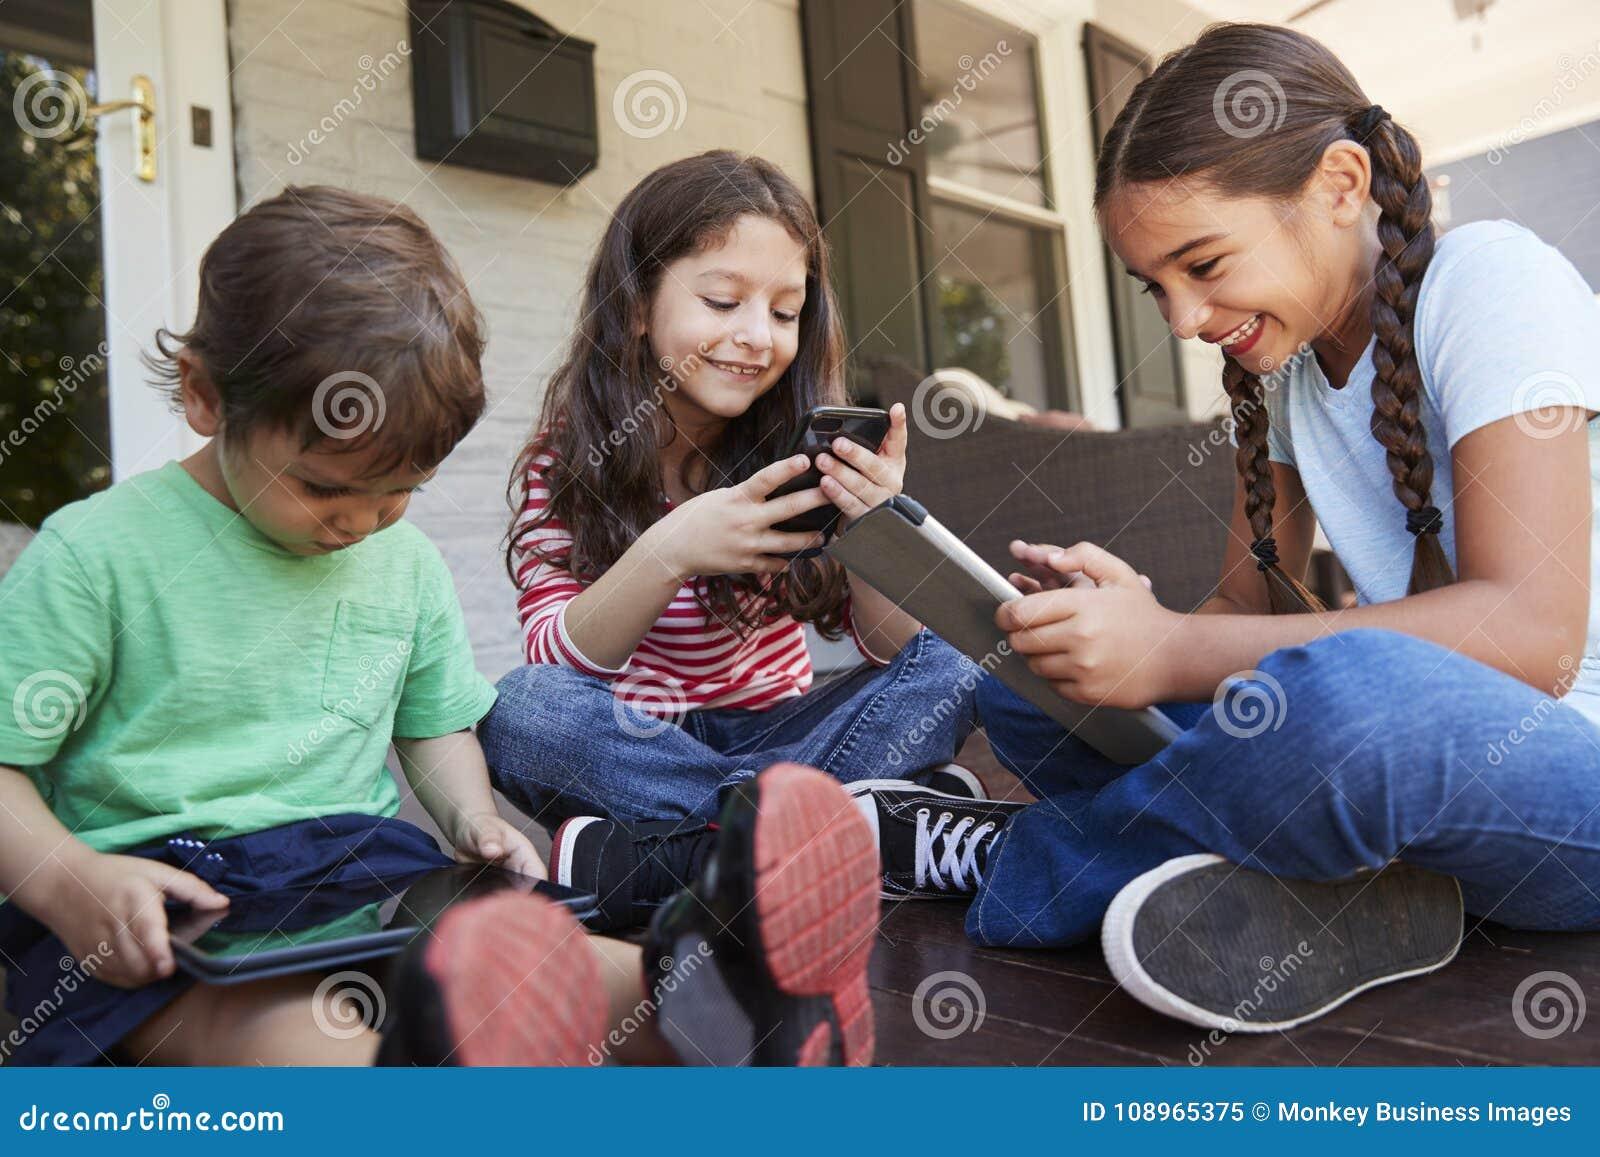 Grupo de dispositivos de Sit On Porch Playing With Digital das crianças